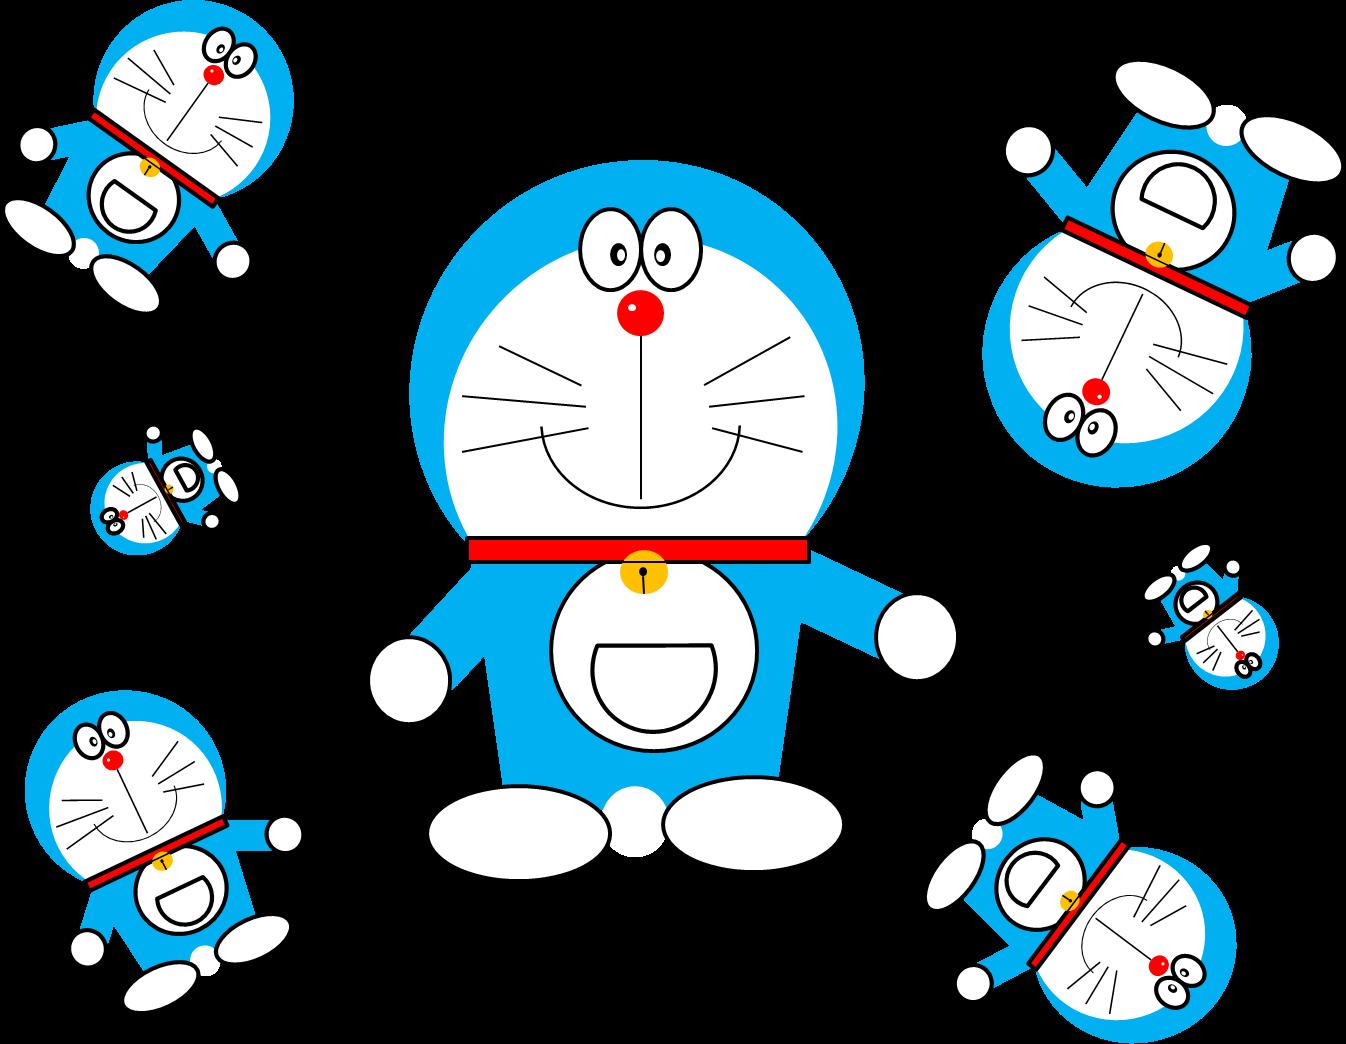 Gambar Animasi Bergerak Lucu Doraemon Terbaru Display Picture Update